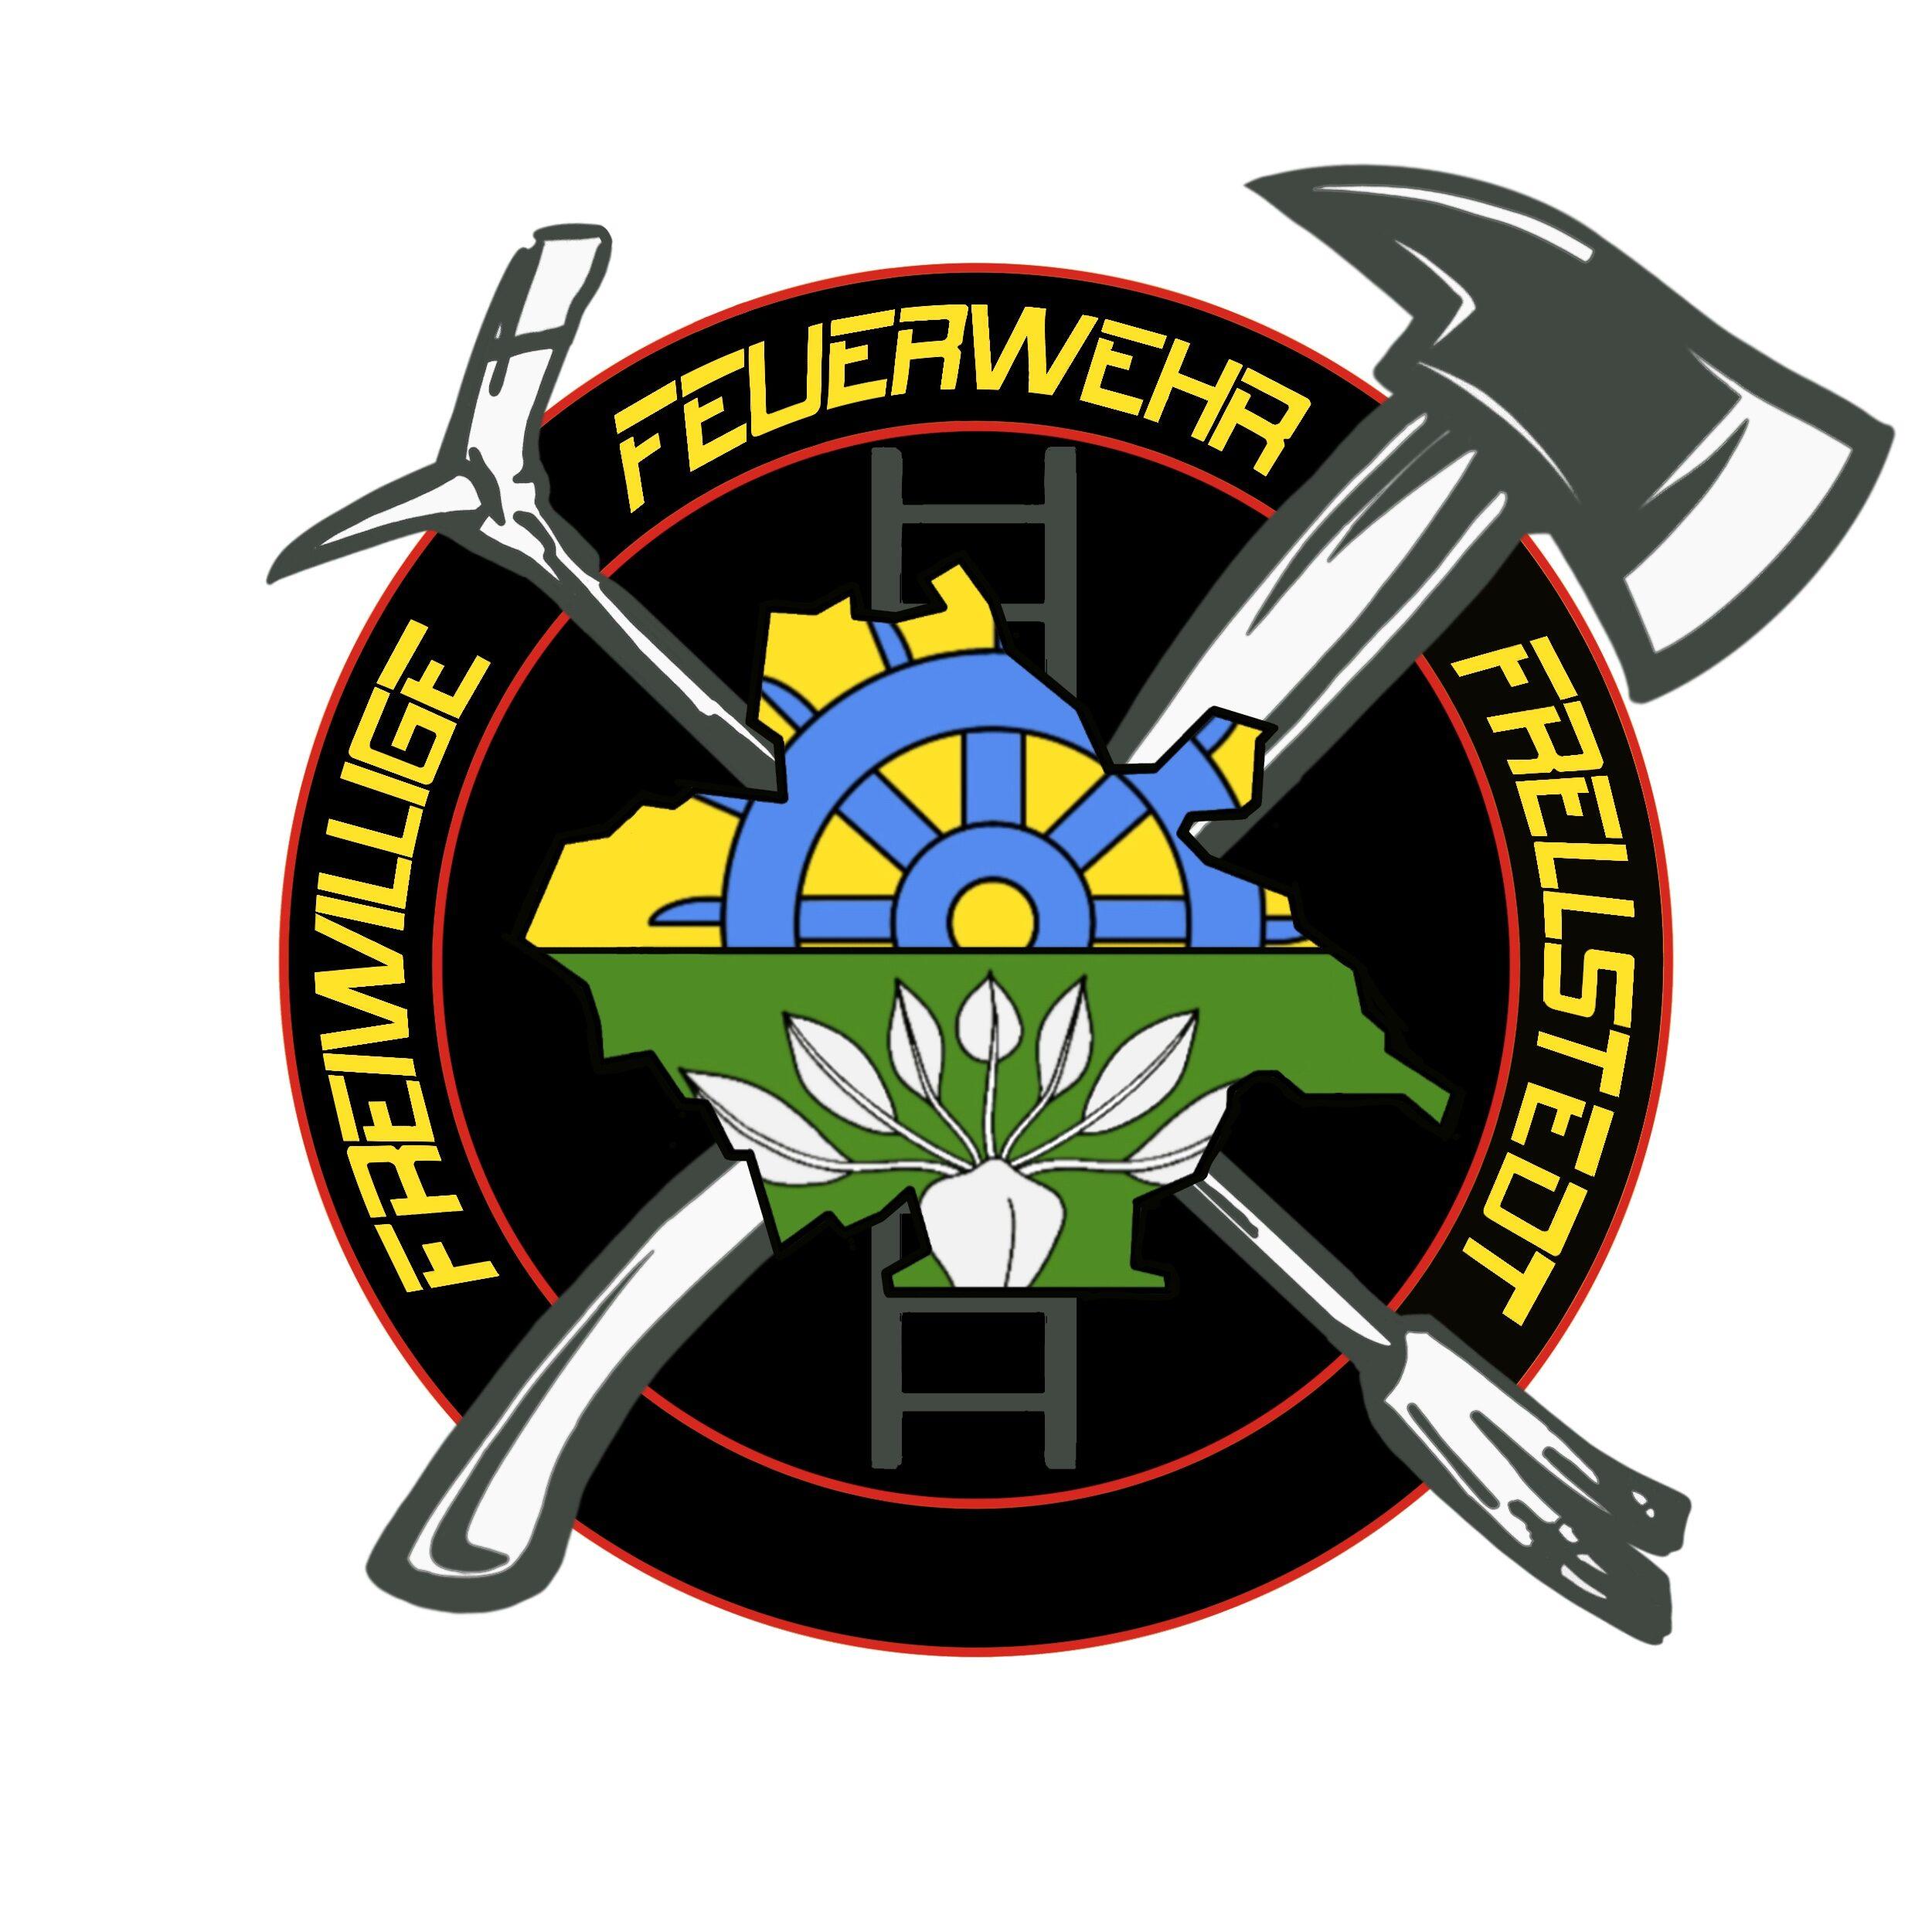 Feuerwehr Frellstedt